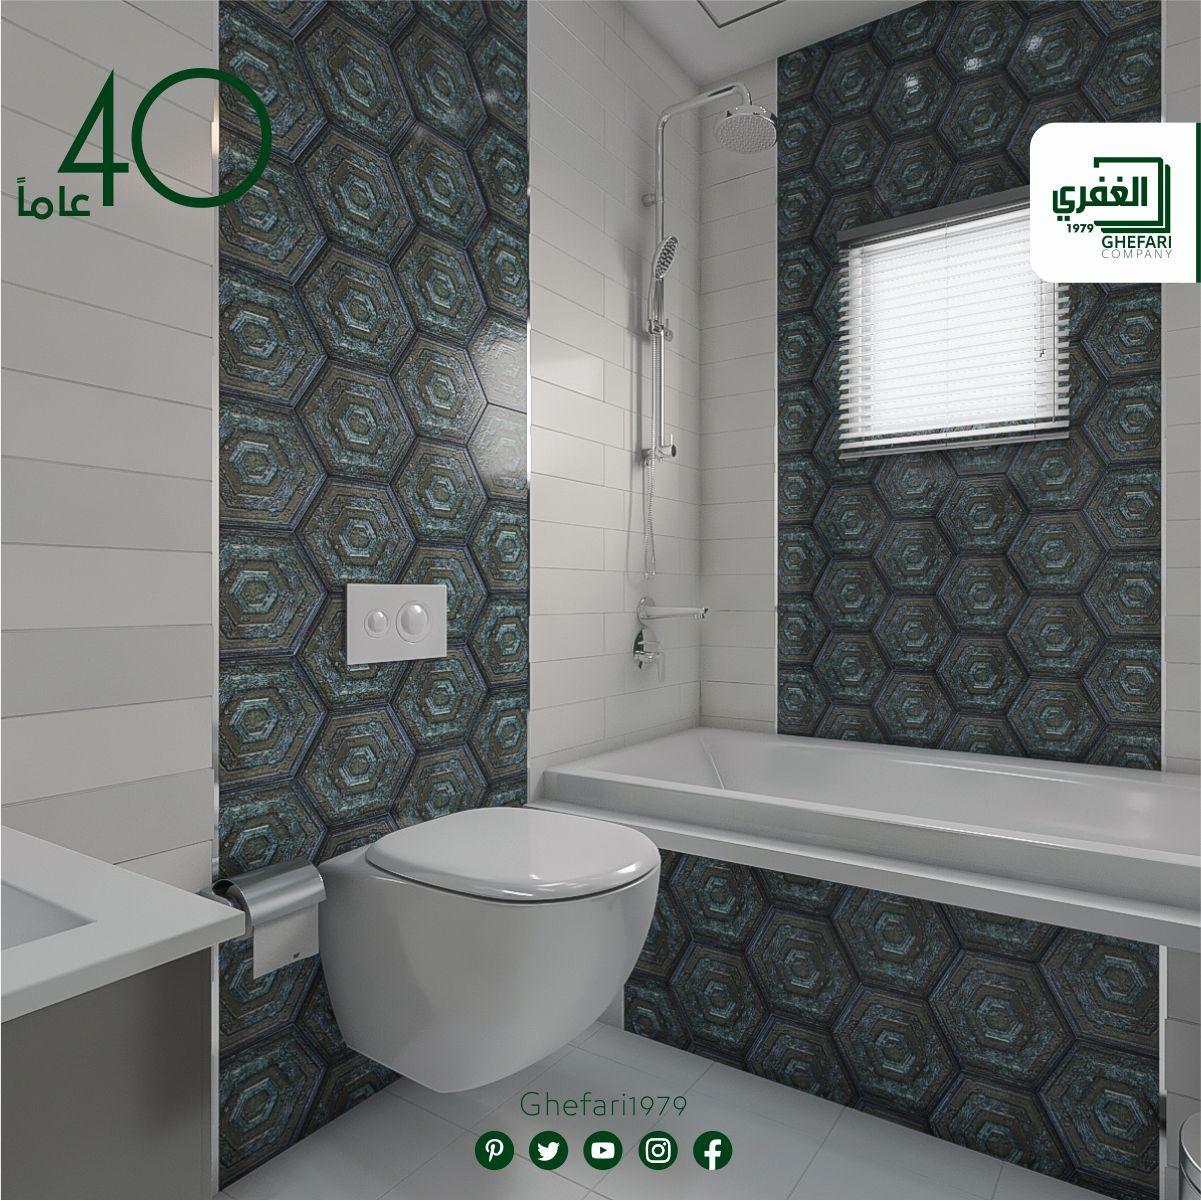 كراميكا حوائط حمامات مطبخ اسباني الصنع ديكور 26 7x23 2 مقاس 12 6x38 2 للمزيد زورونا على موقع الشركة Www Ghefari Com الر Bathtub Alcove Bathtub Alcove